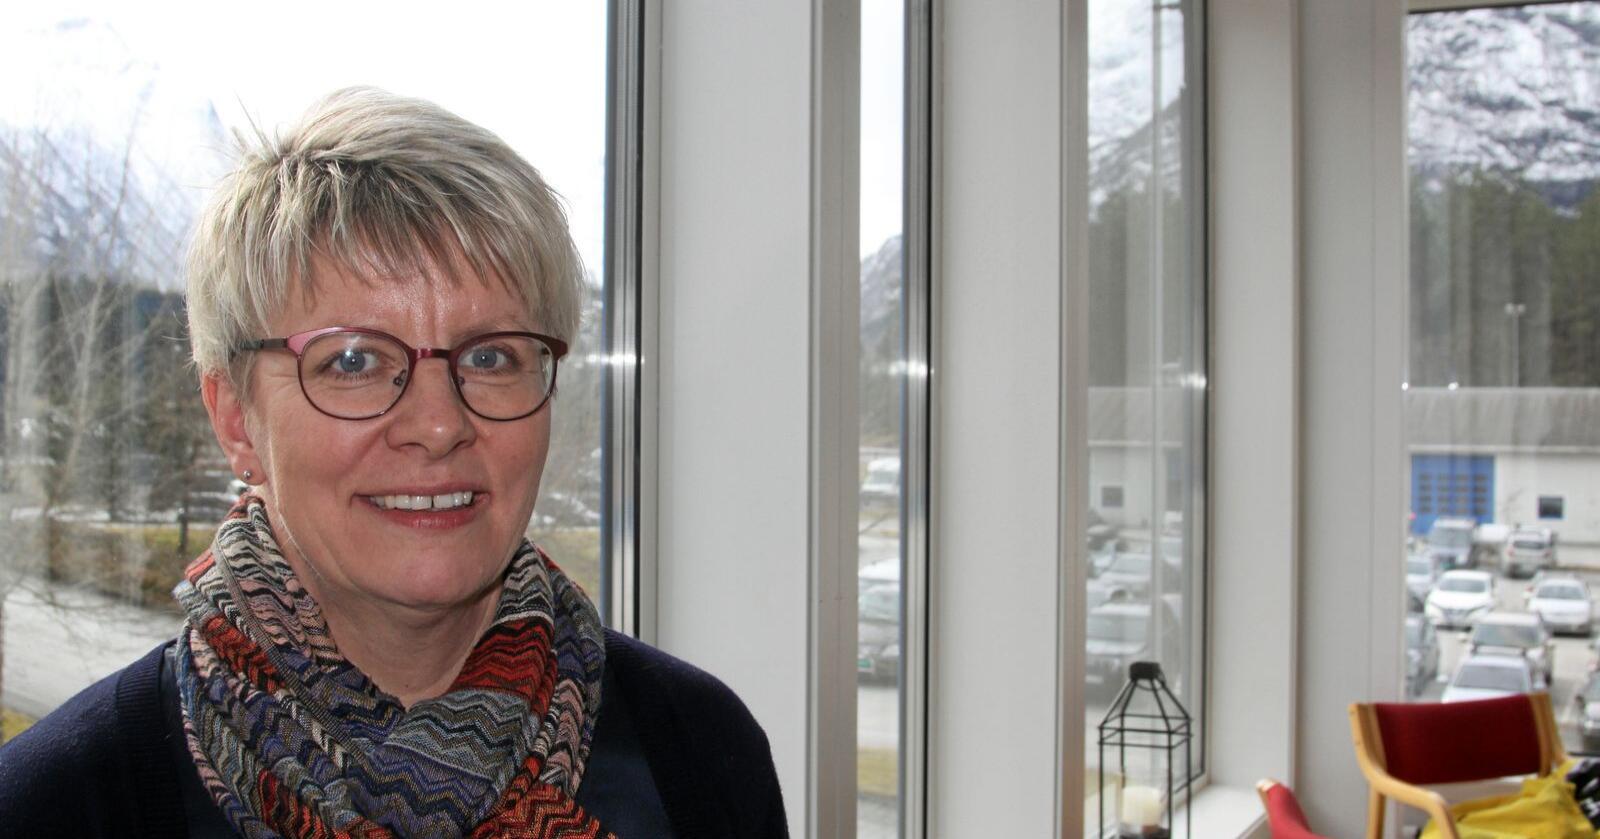 Marit Haugen ble gjenvalgt som styreleder i Tine. Foto: Janne Grete Aspen